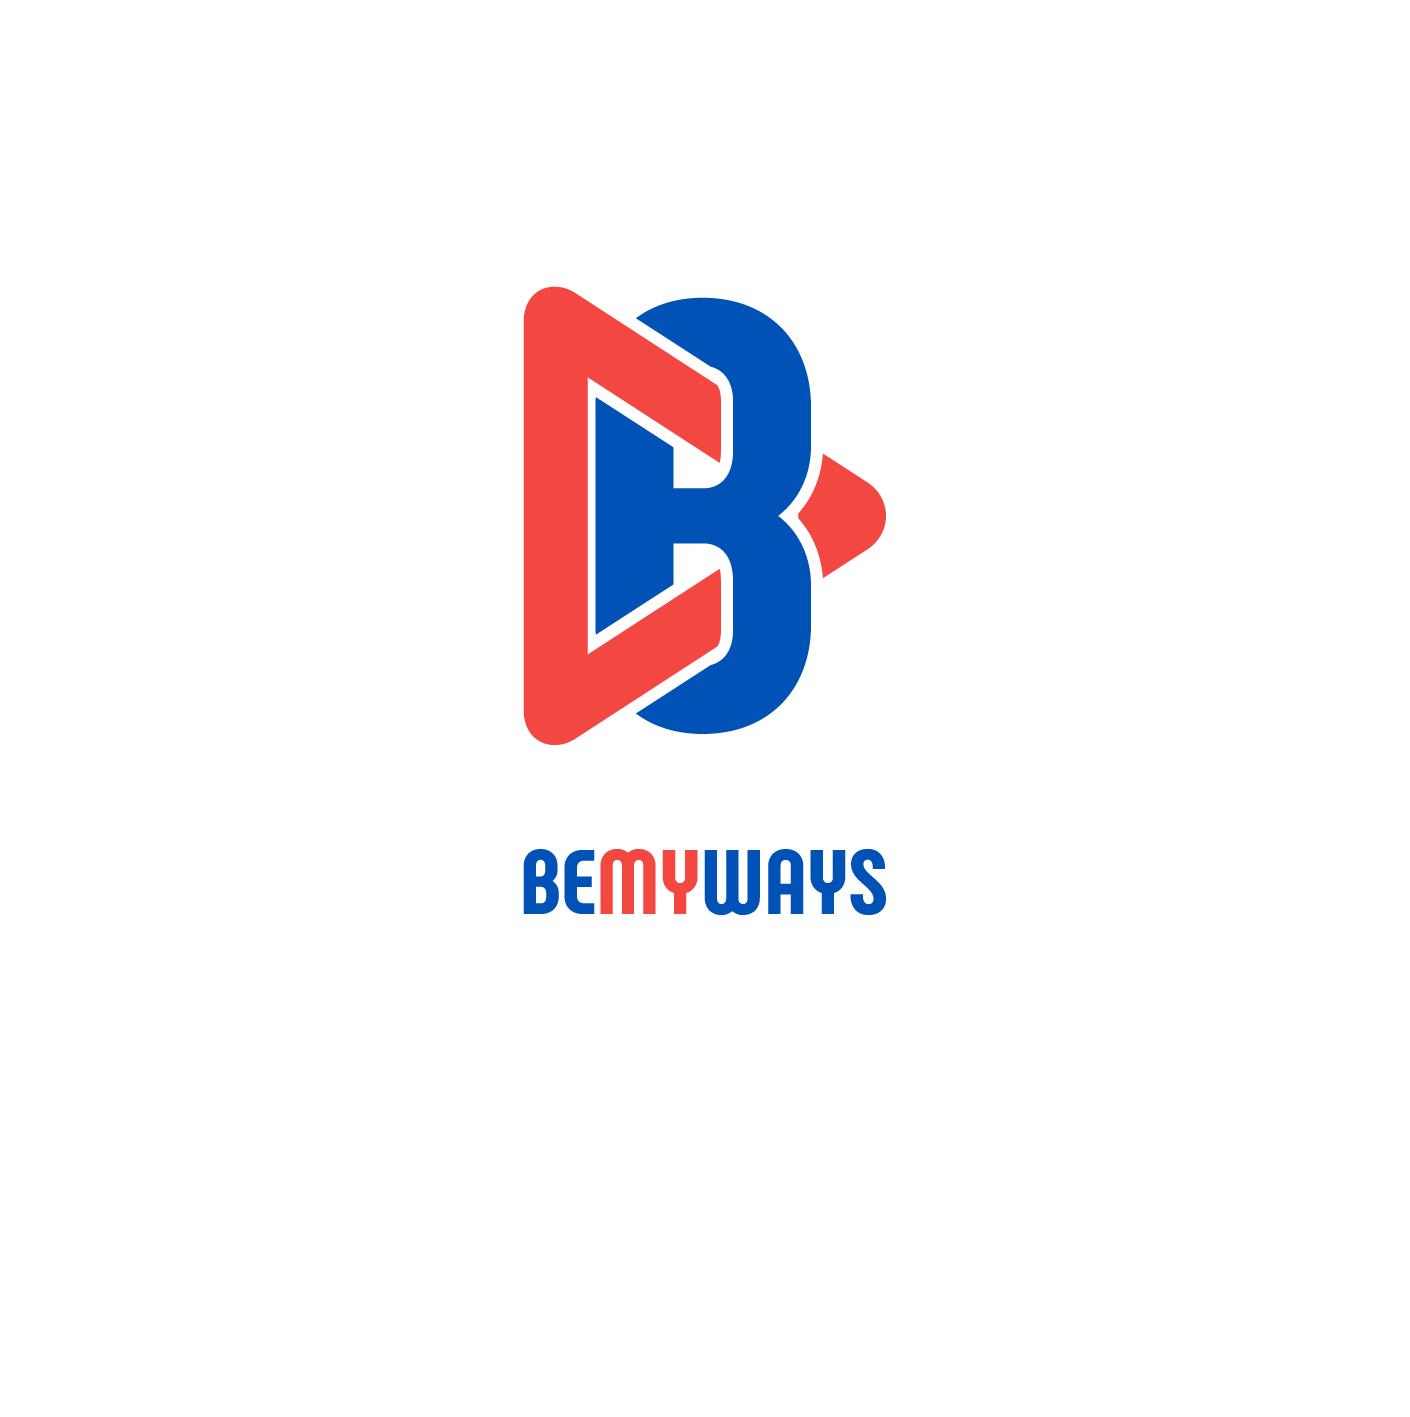 Разработка логотипа и иконки для Travel Video Platform фото f_7135c371a273e25b.png